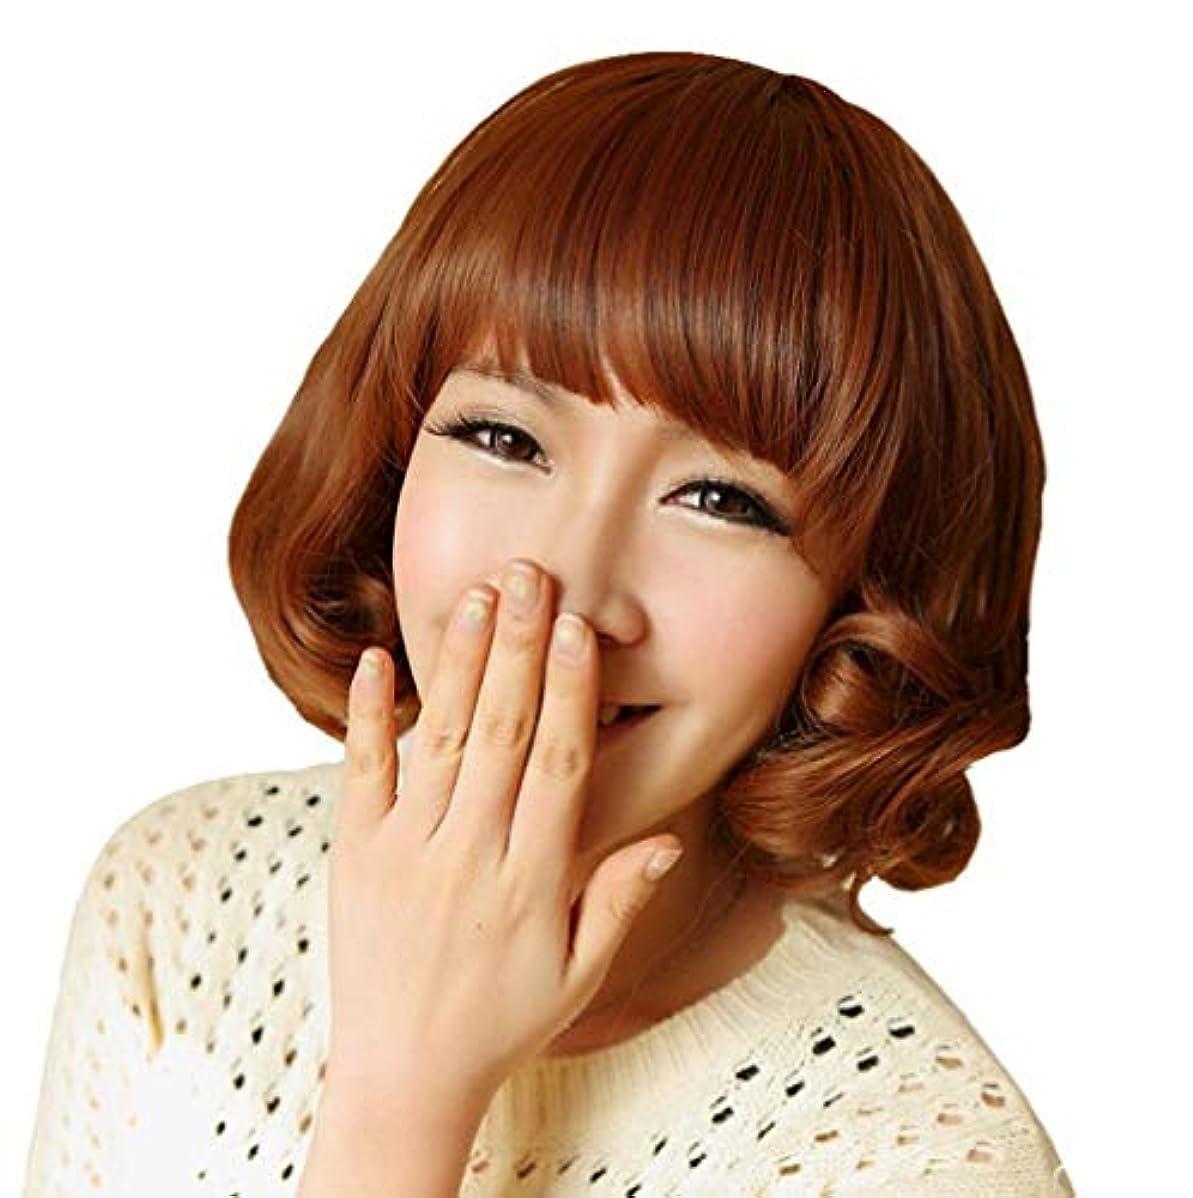 代表塗抹甘やかすかつら女性ショートヘアボボヘッド空気前髪現実的な髪型 LH2206 (画像の色)